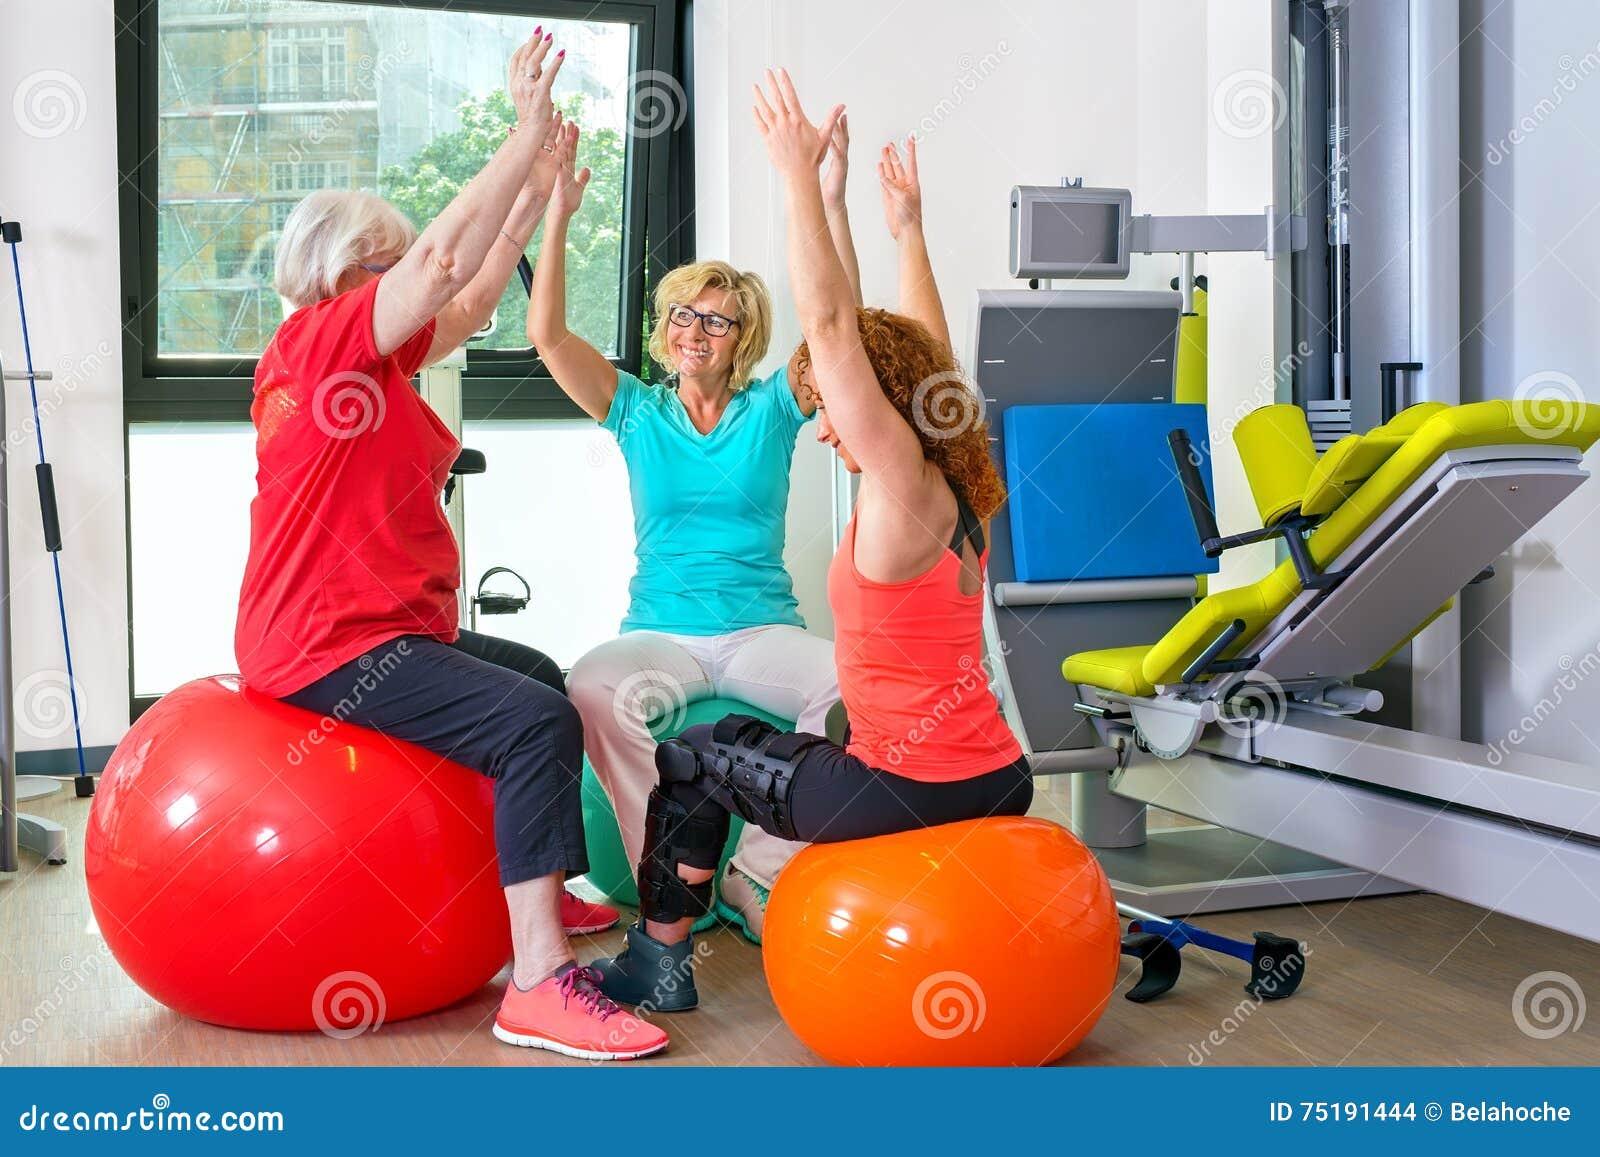 Patienten auf den Gymnastikbällen, die Übungen tun